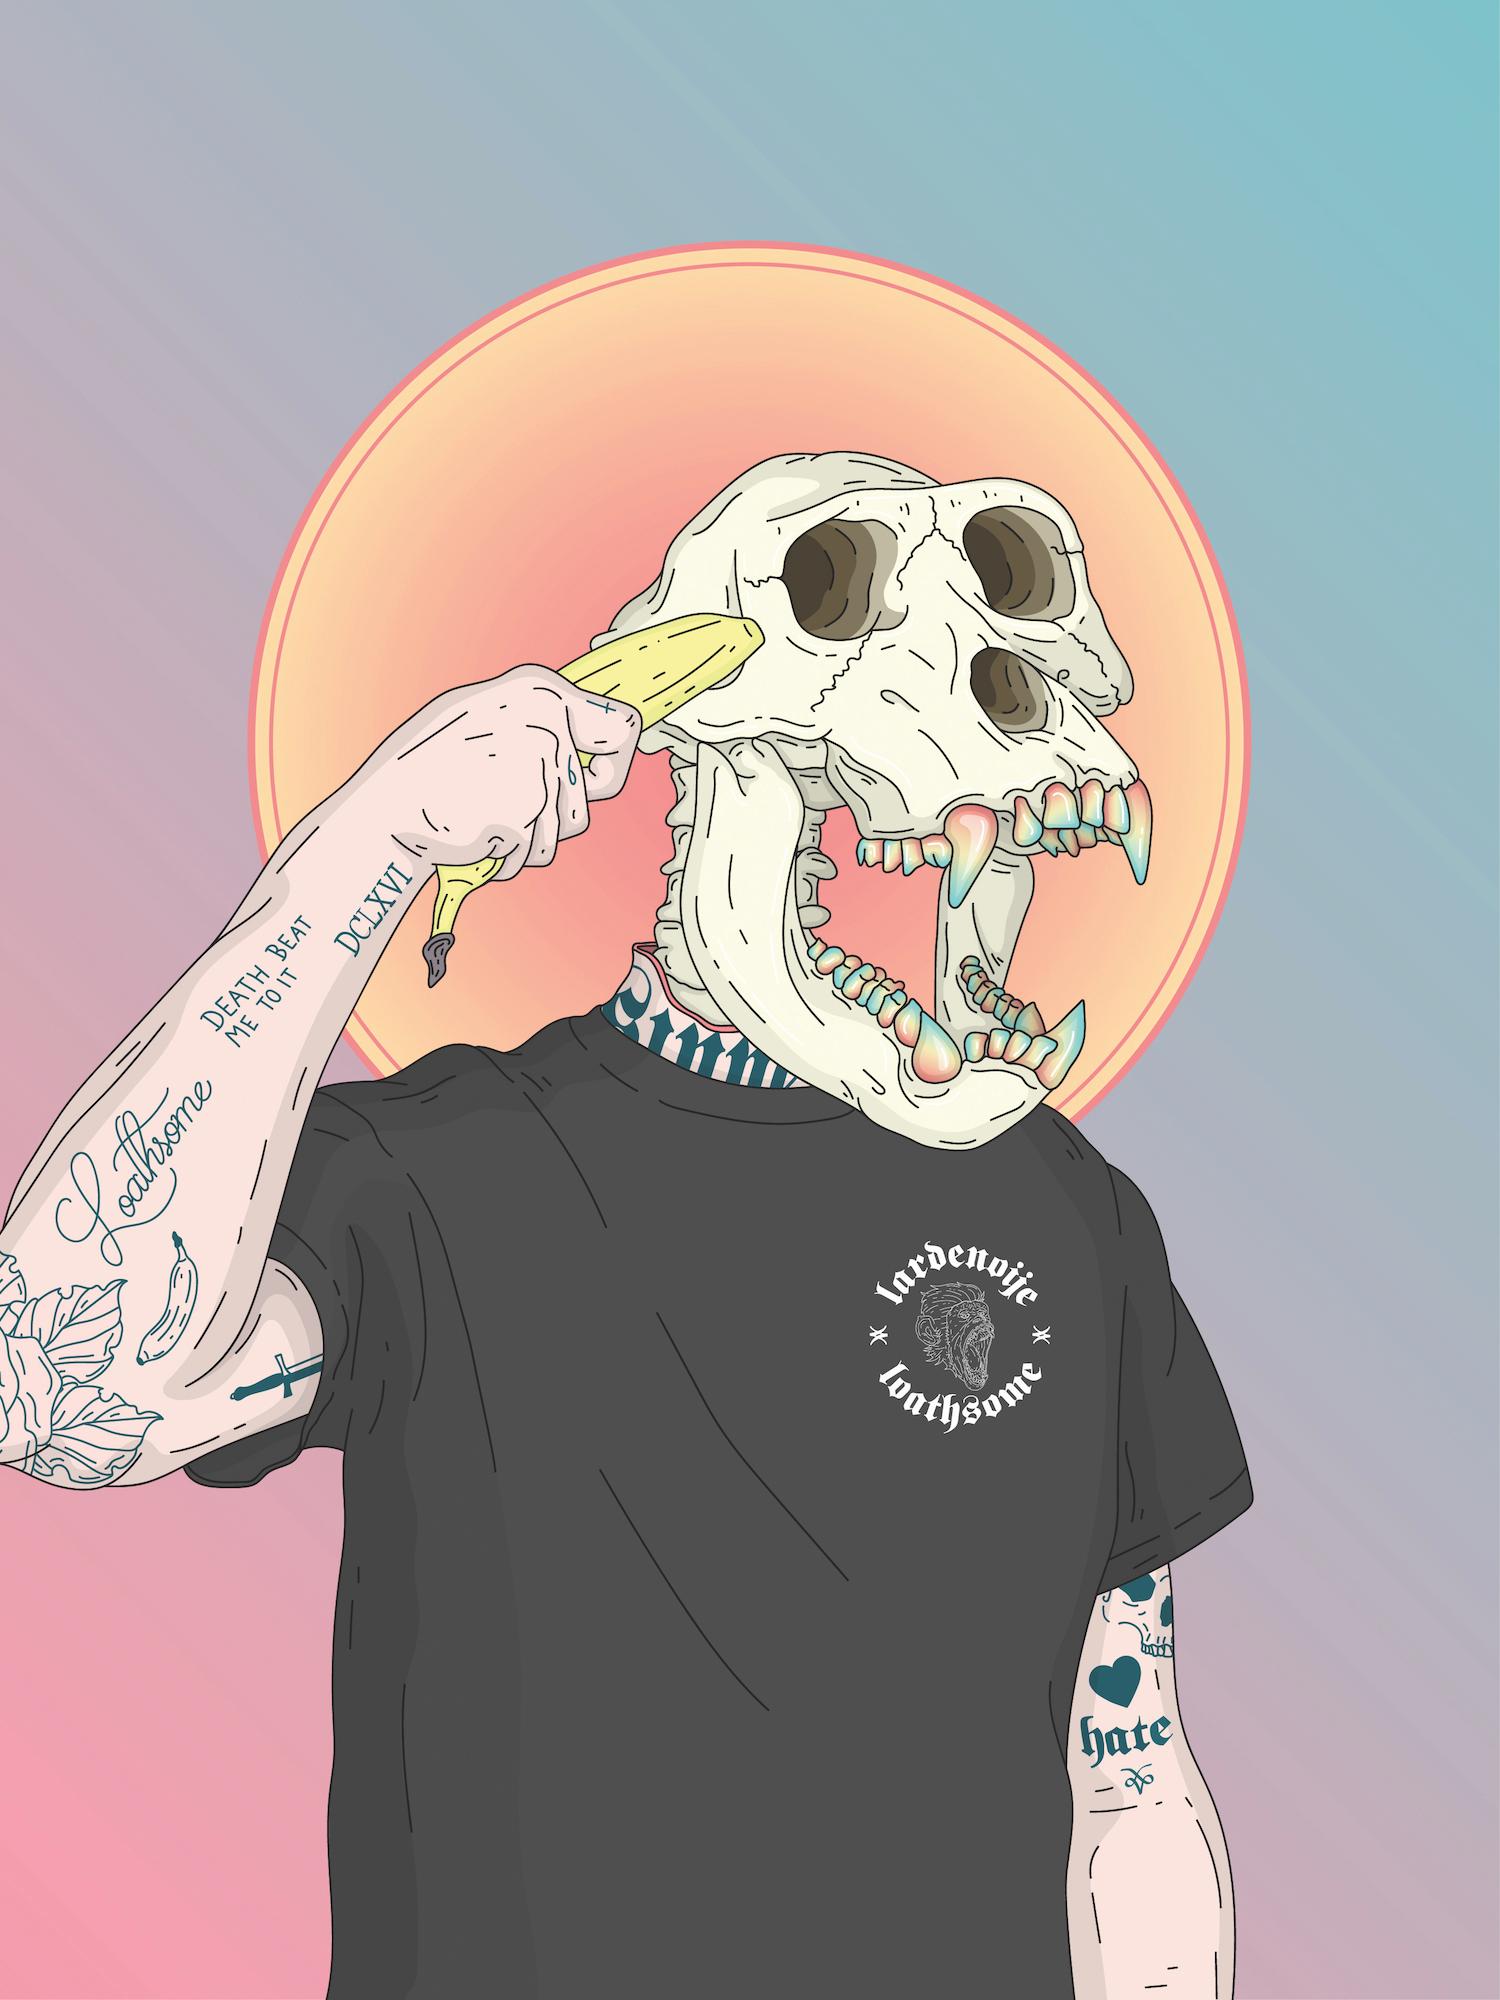 Death_beat_me_to_it_Lardenoije copy 2.jpg